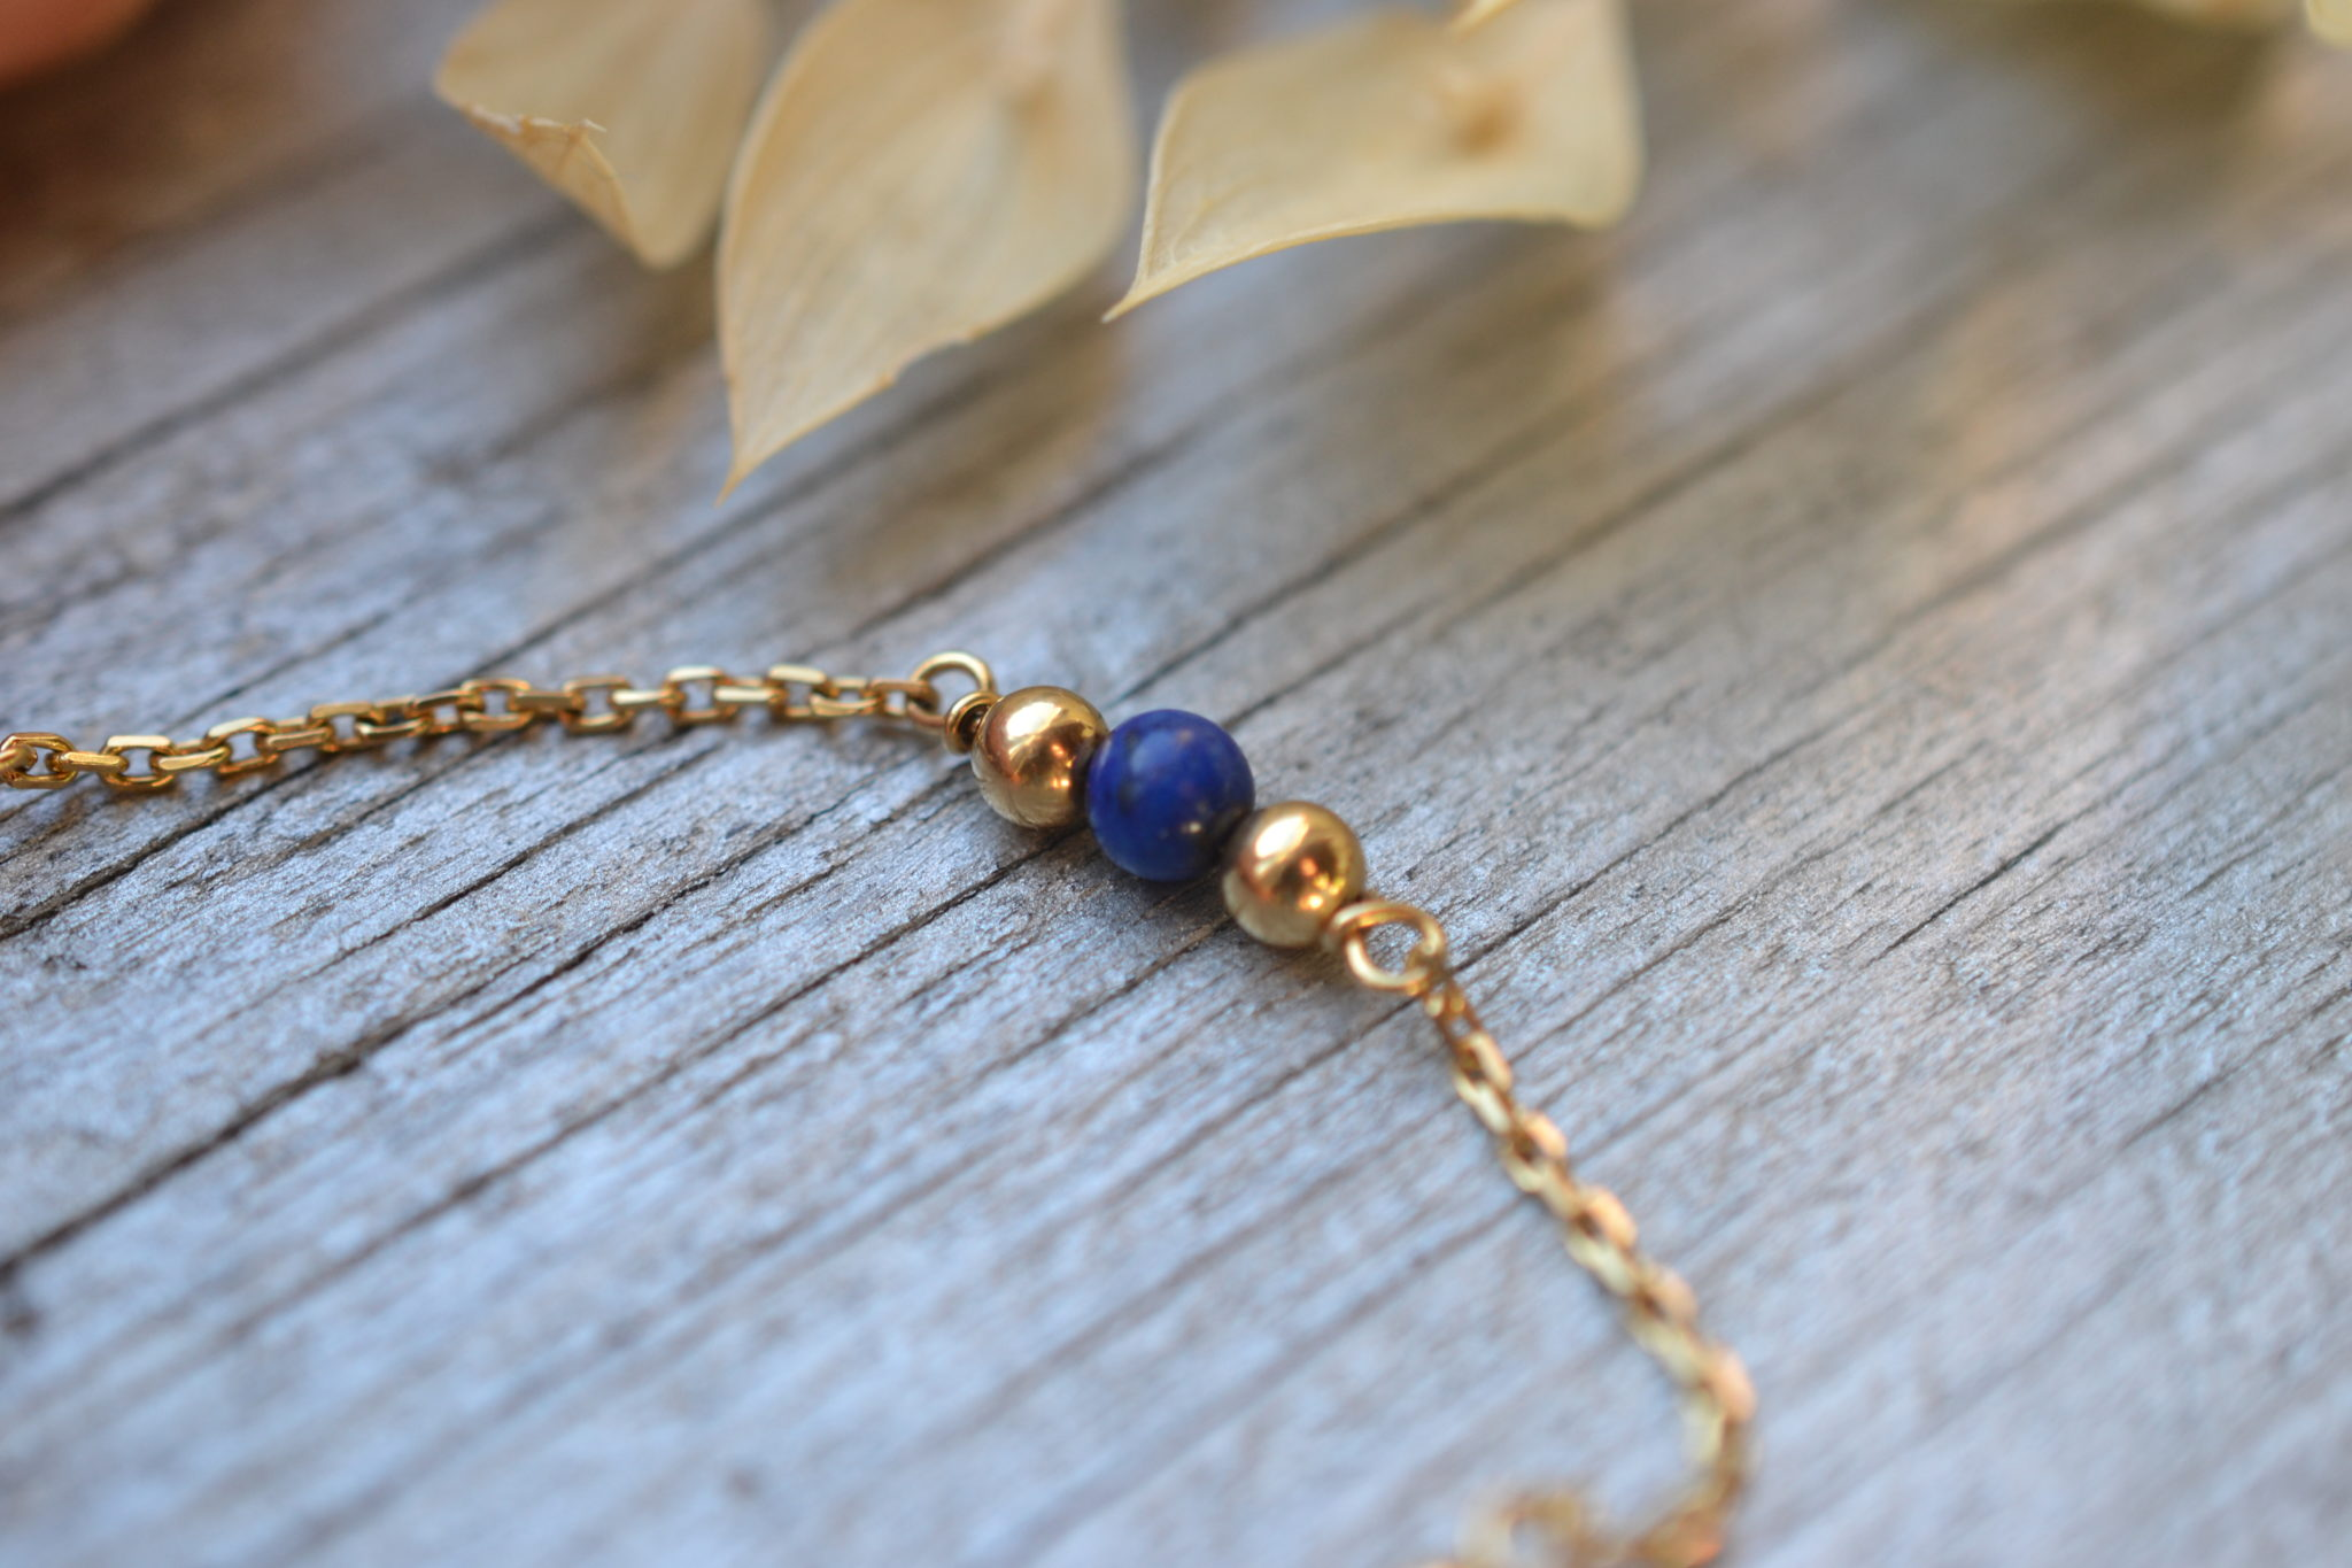 bracelet ancien en or 18 carats avec petites billes bleues , monté sur une chaine fine- un bijou noircarat.fr